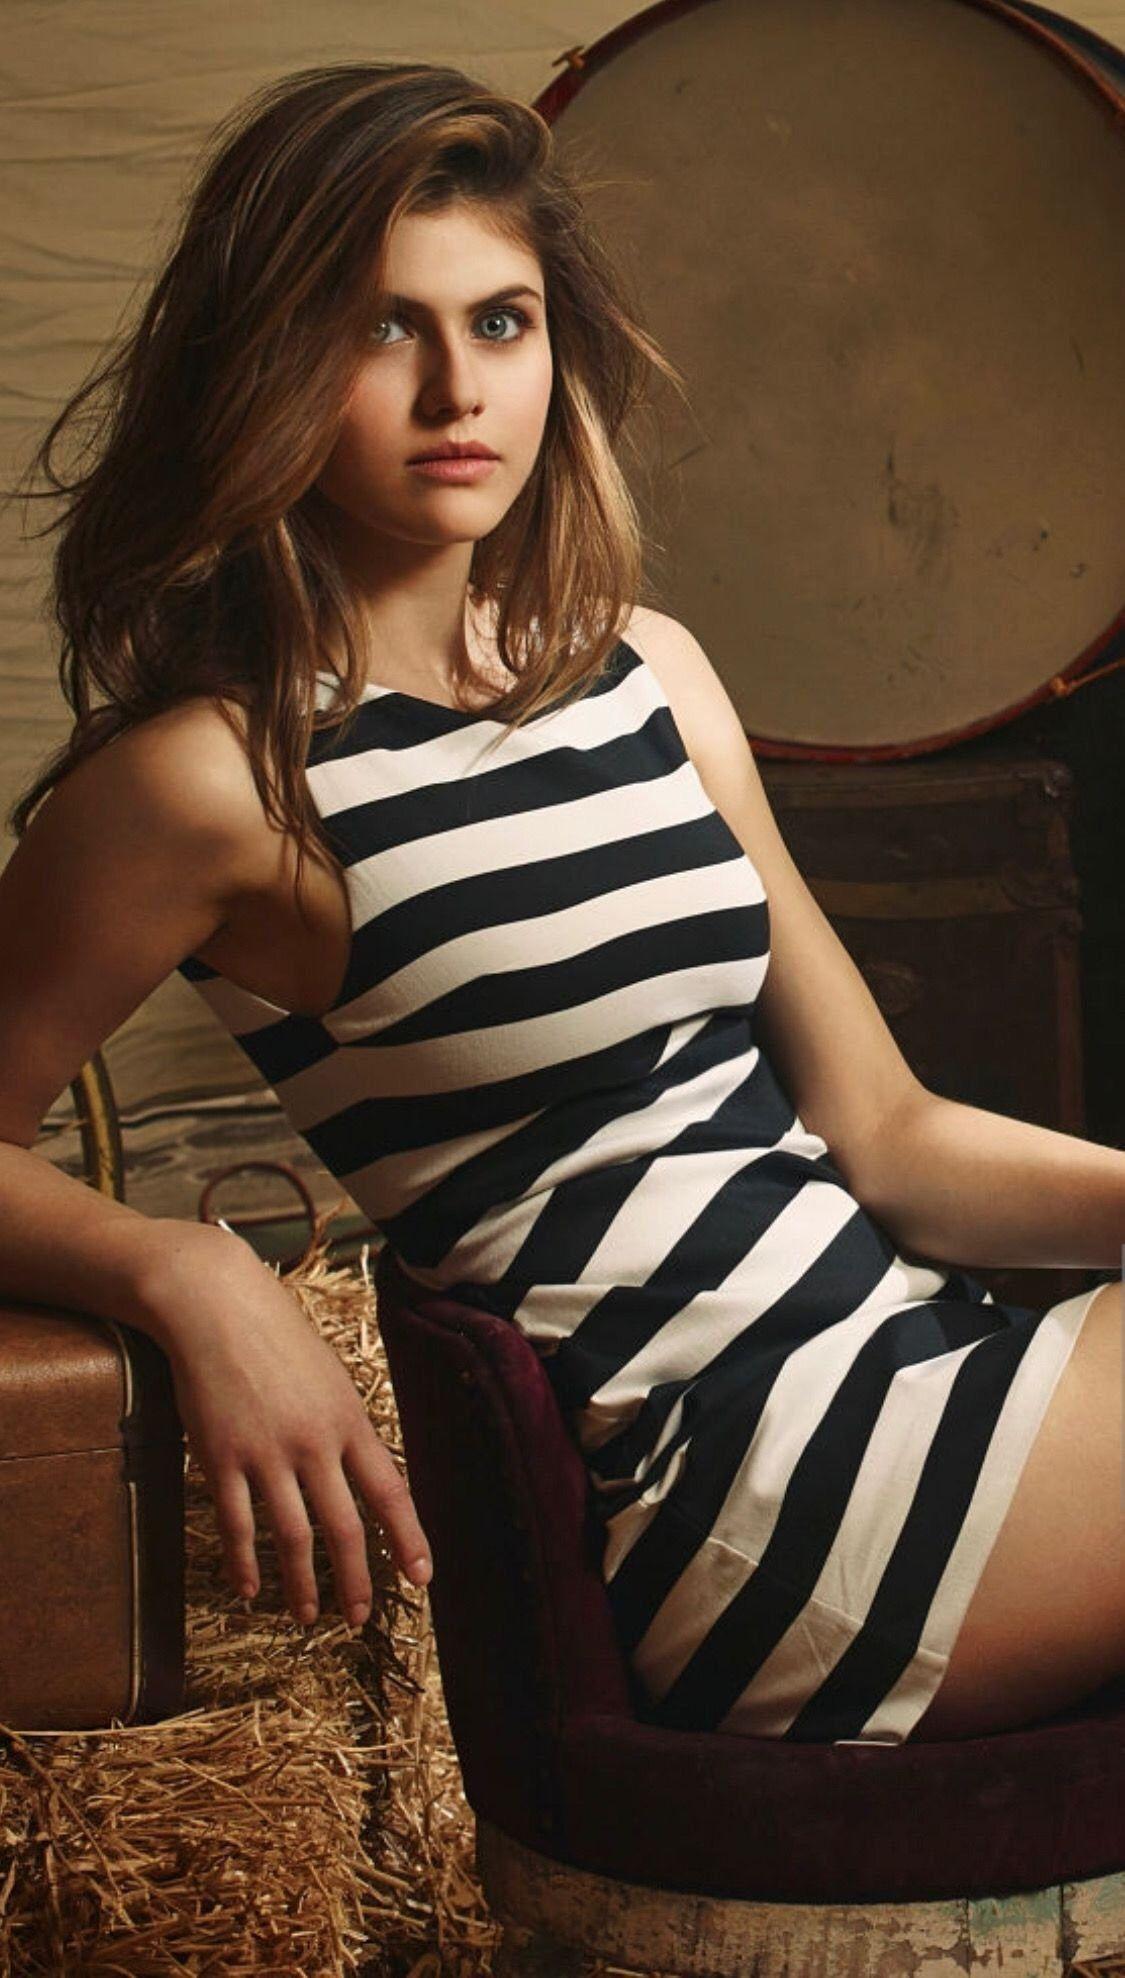 Alexandra Daddario - Personal Pics 2020 (9 Photos)